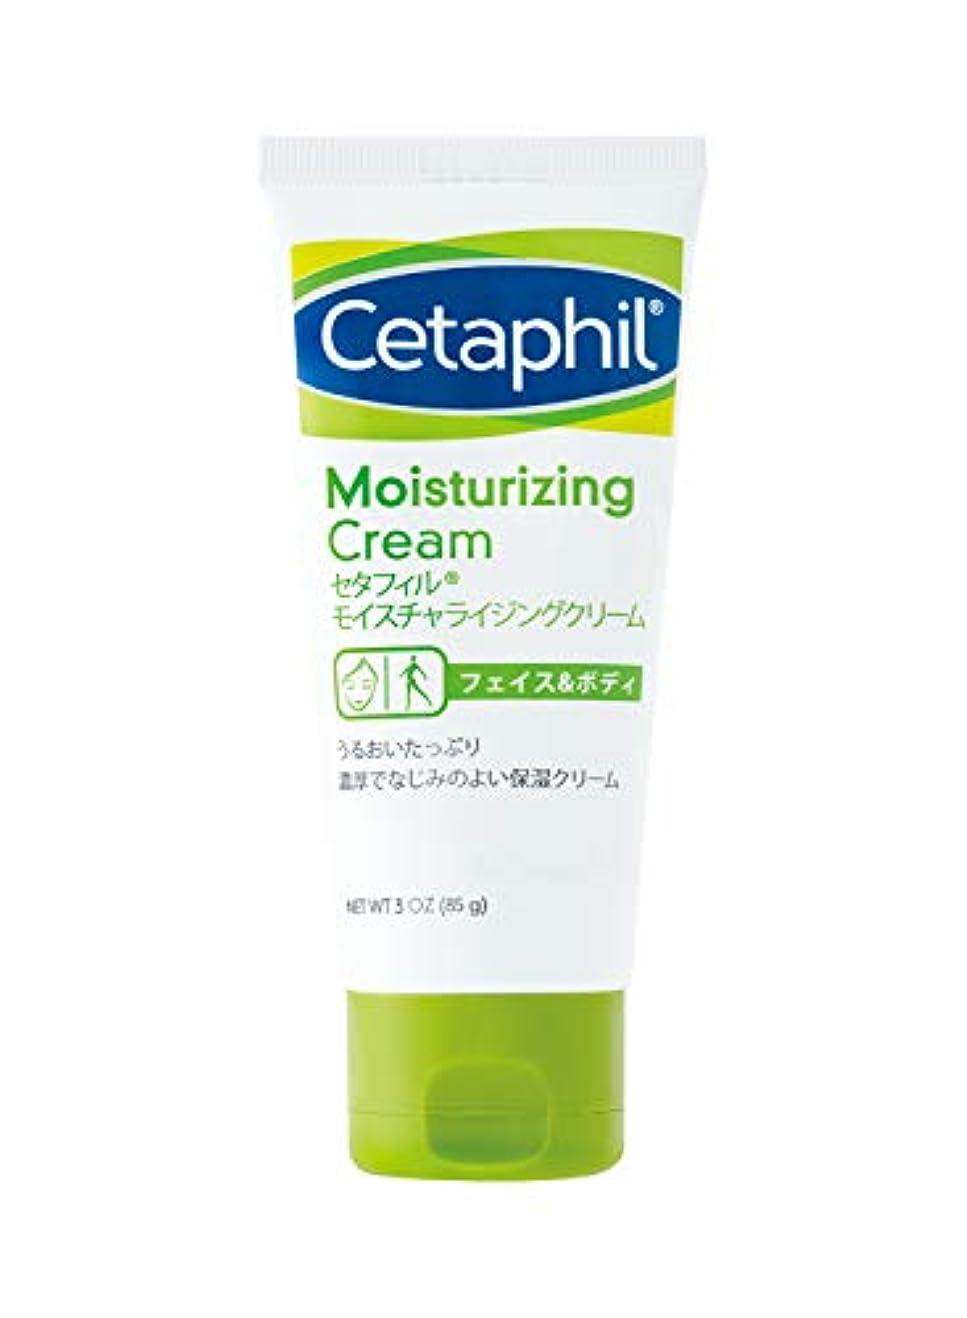 マキシム中断ホールドオールセタフィル Cetaphil ® モイスチャライジングクリーム 85g ( フェイス & ボディ 保湿クリーム クリーム )